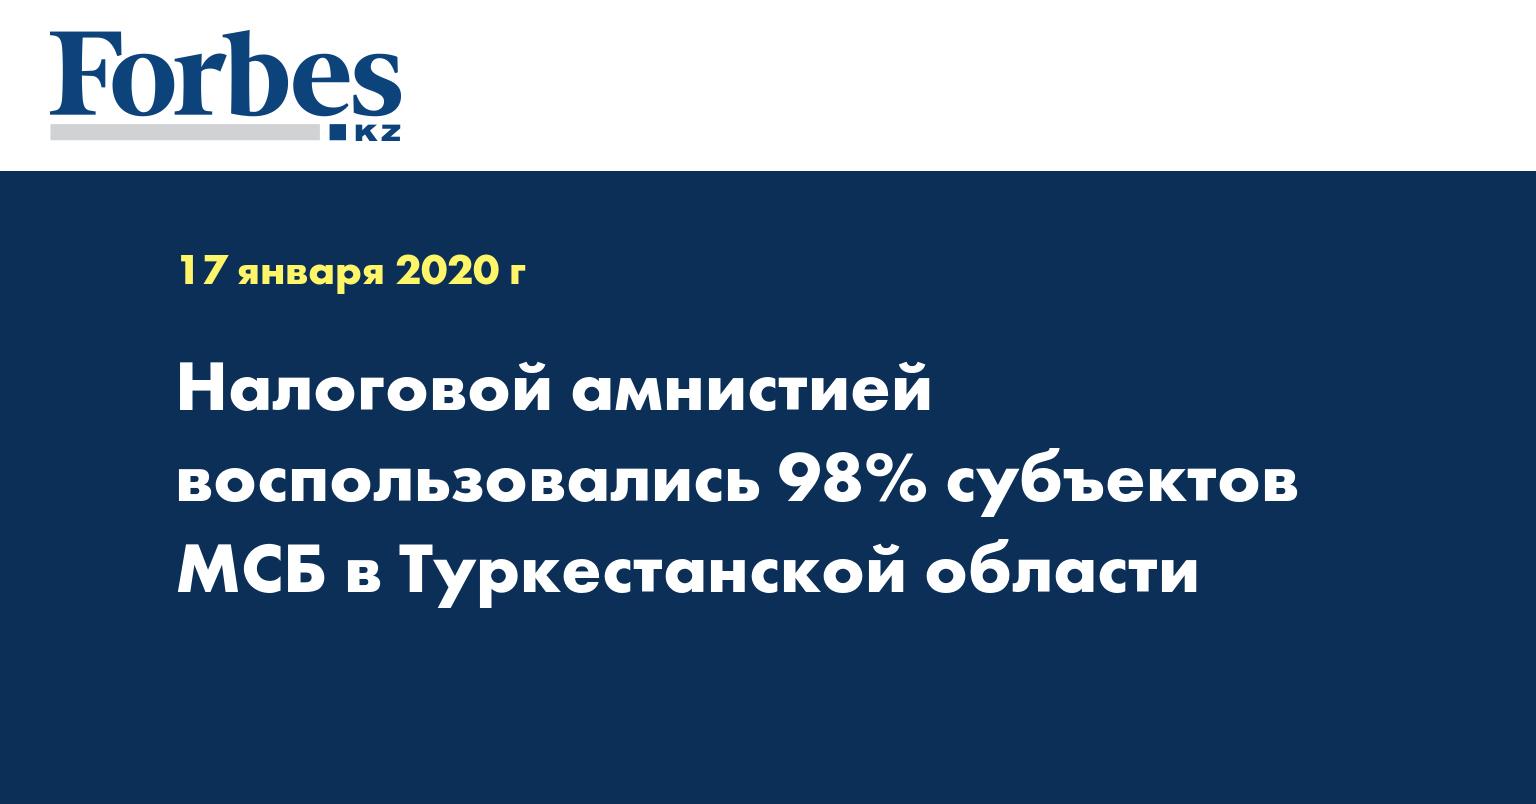 Налоговой амнистией воспользовались 98% субъектов МСБ в Туркестанской области